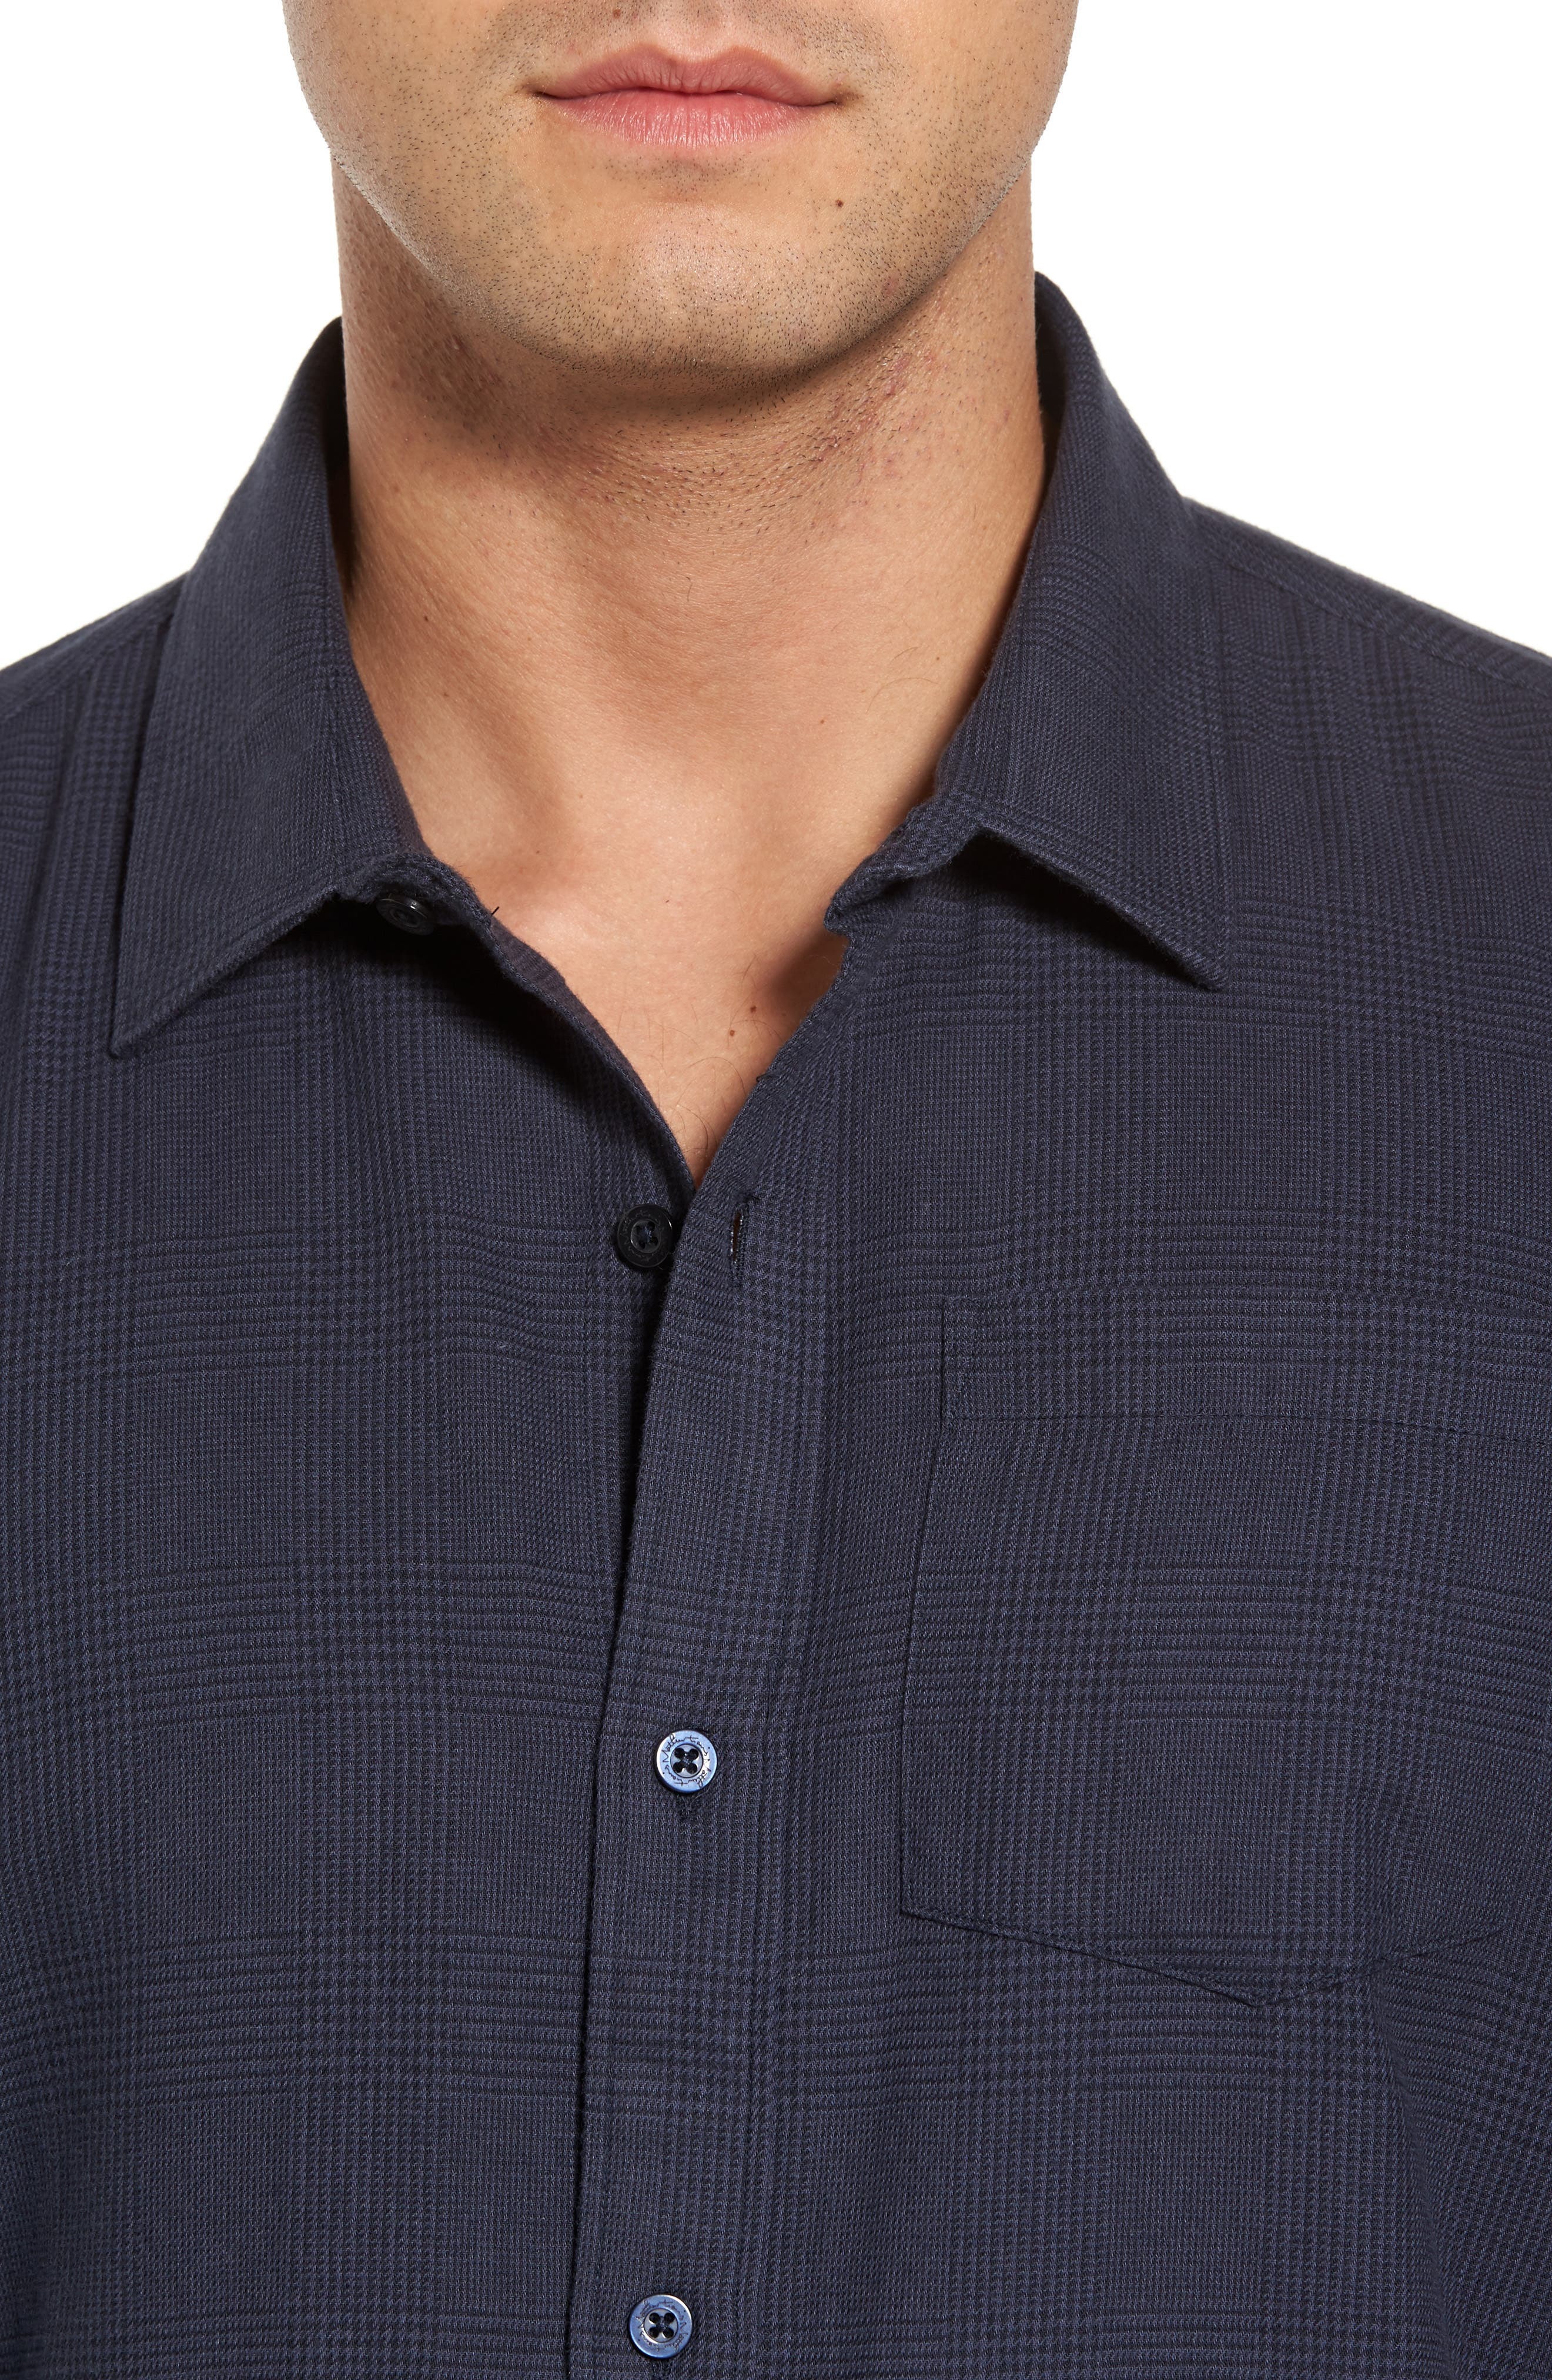 Overly Glen Plaid Sport Shirt,                             Alternate thumbnail 4, color,                             400